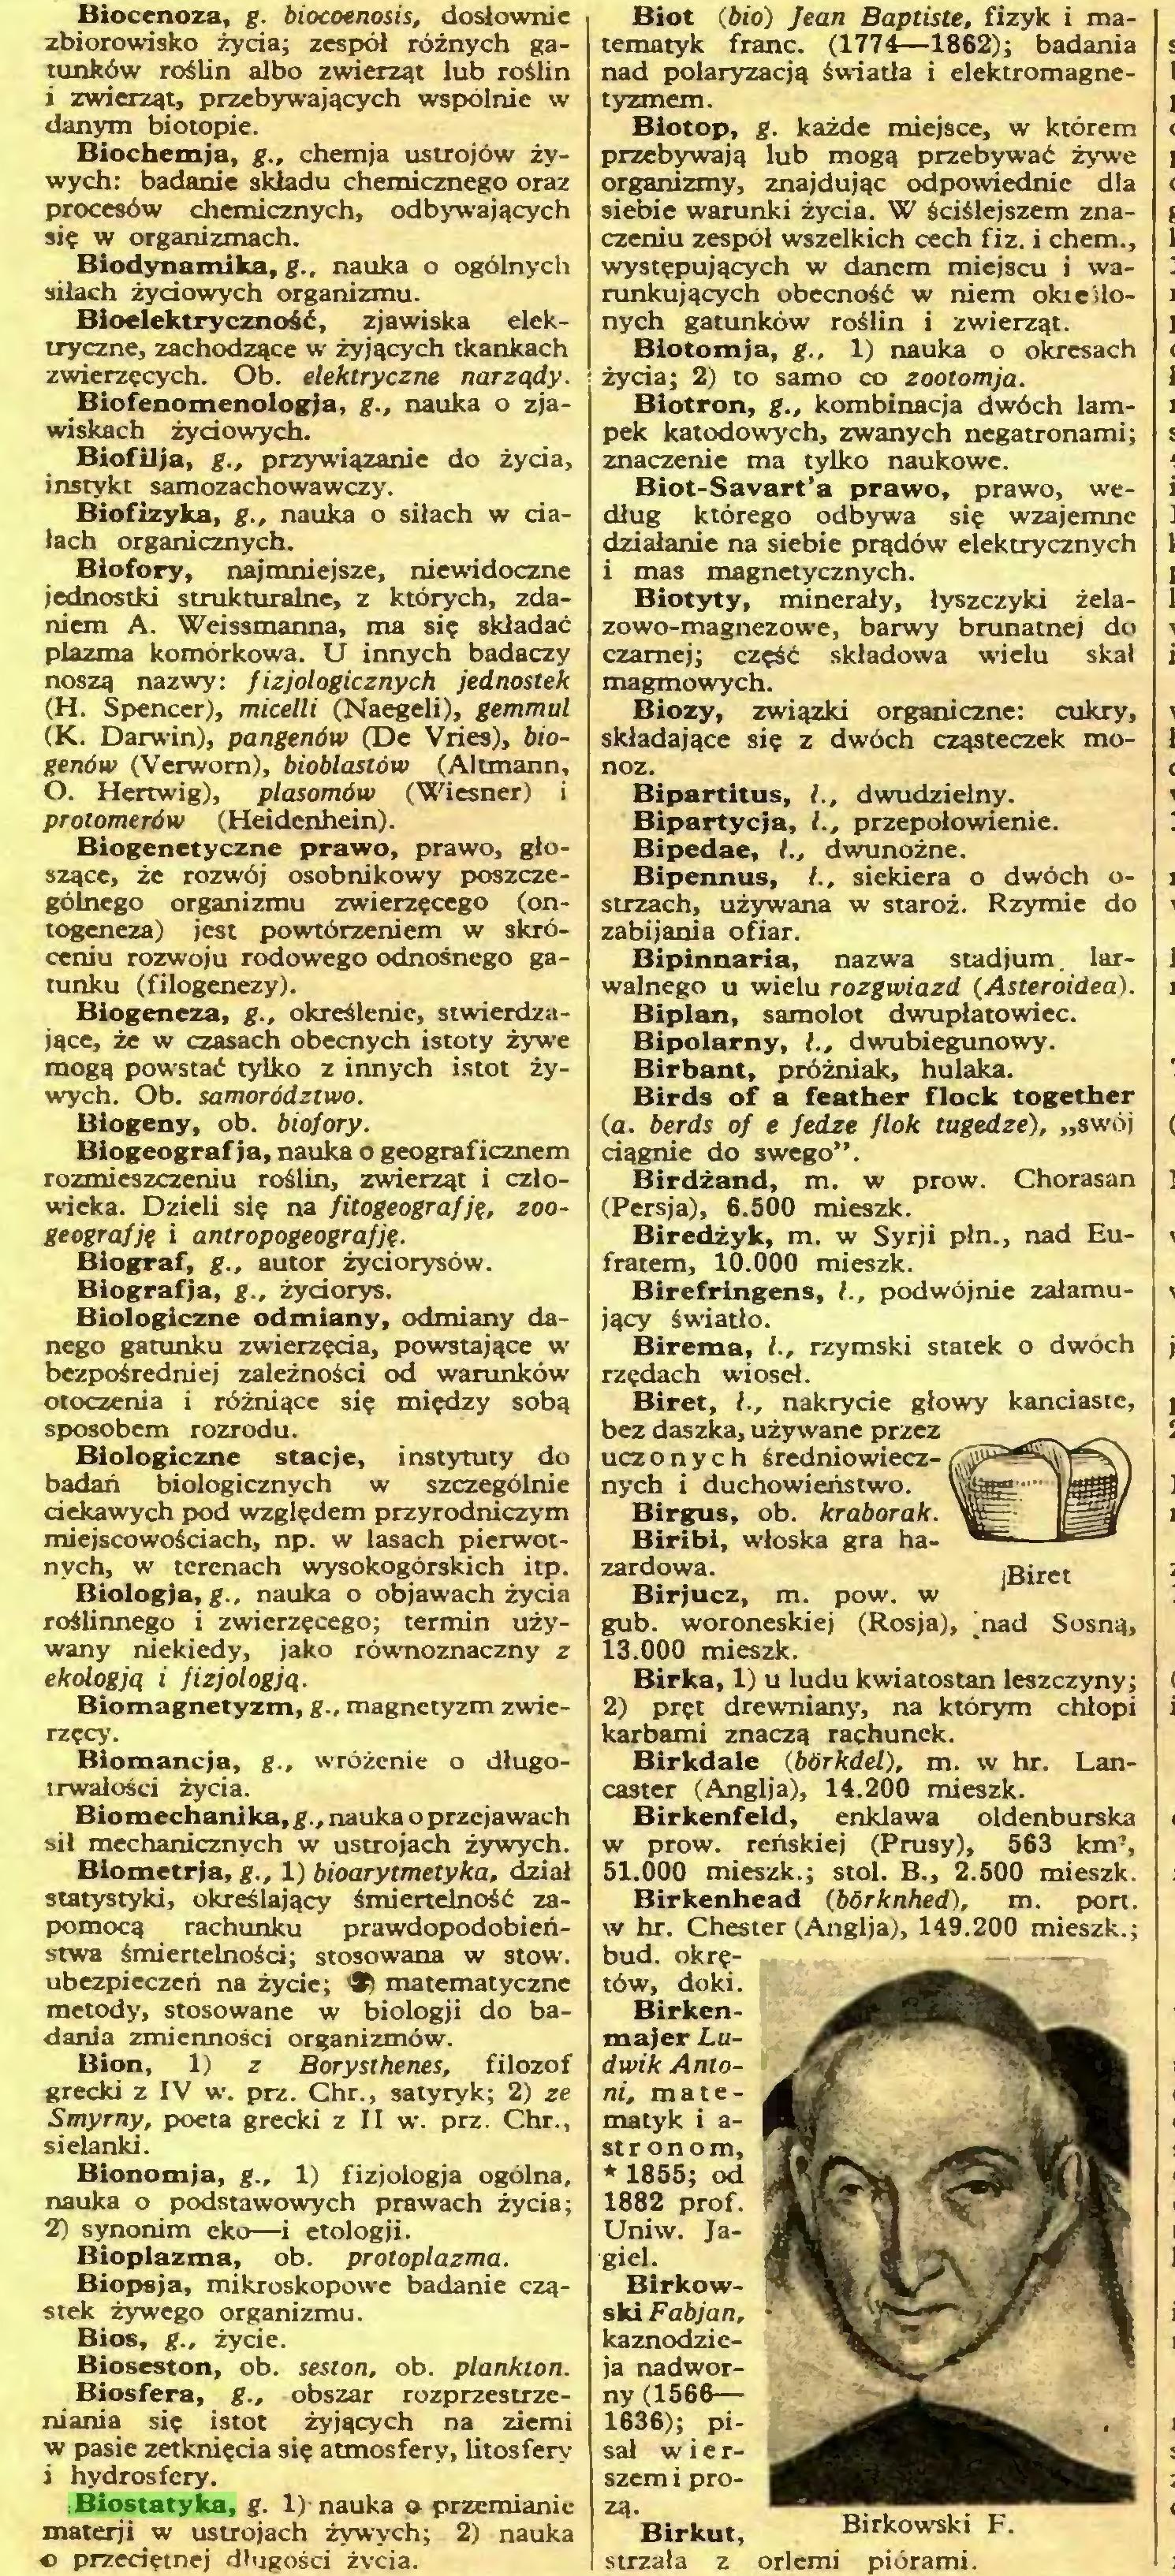 (...) :Biostatyka, g. 1) nauka p przemianie materji w ustrojach żywych; 2) nauka « przedętnej długości życia. Biot (bio) Jean Baptiste, fizyk i matematyk franc. (1774—1862); badania nad polaryzacją światła i elektromagnetyzmem...